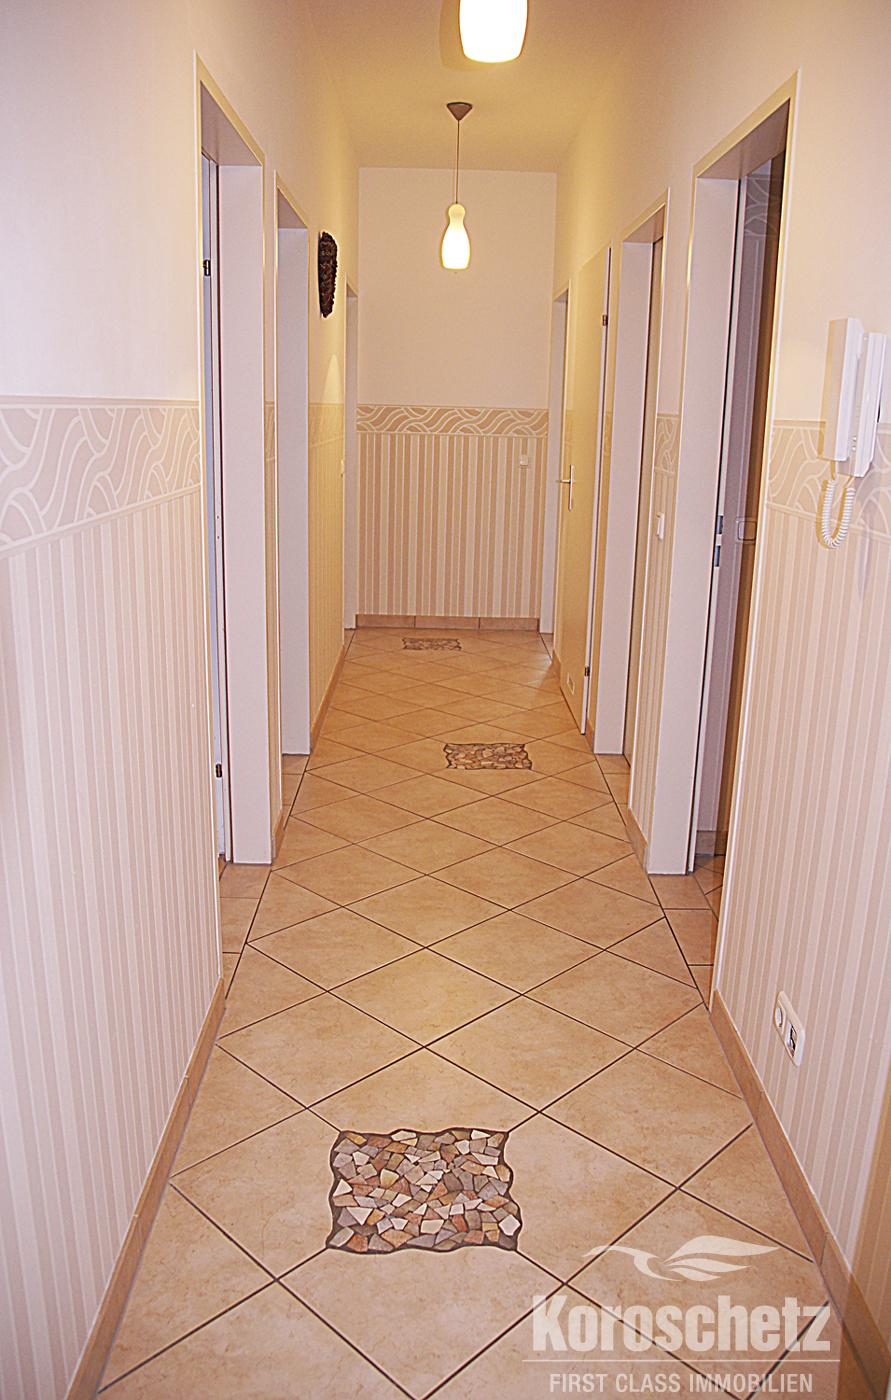 elegante eigentumswohnung mit seeblick immobilien koroschetz. Black Bedroom Furniture Sets. Home Design Ideas